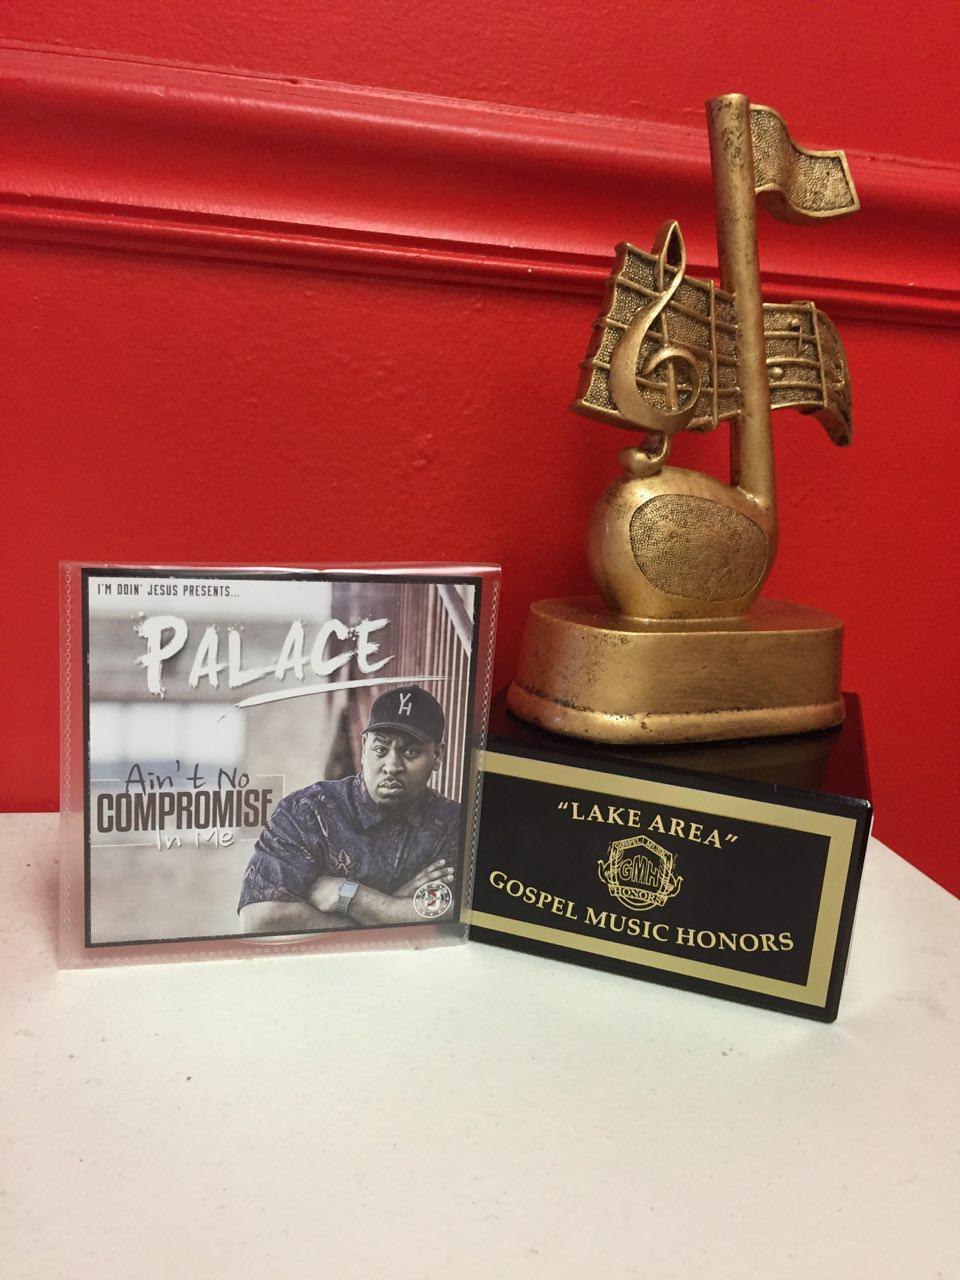 Palace wins award for debut mixtape